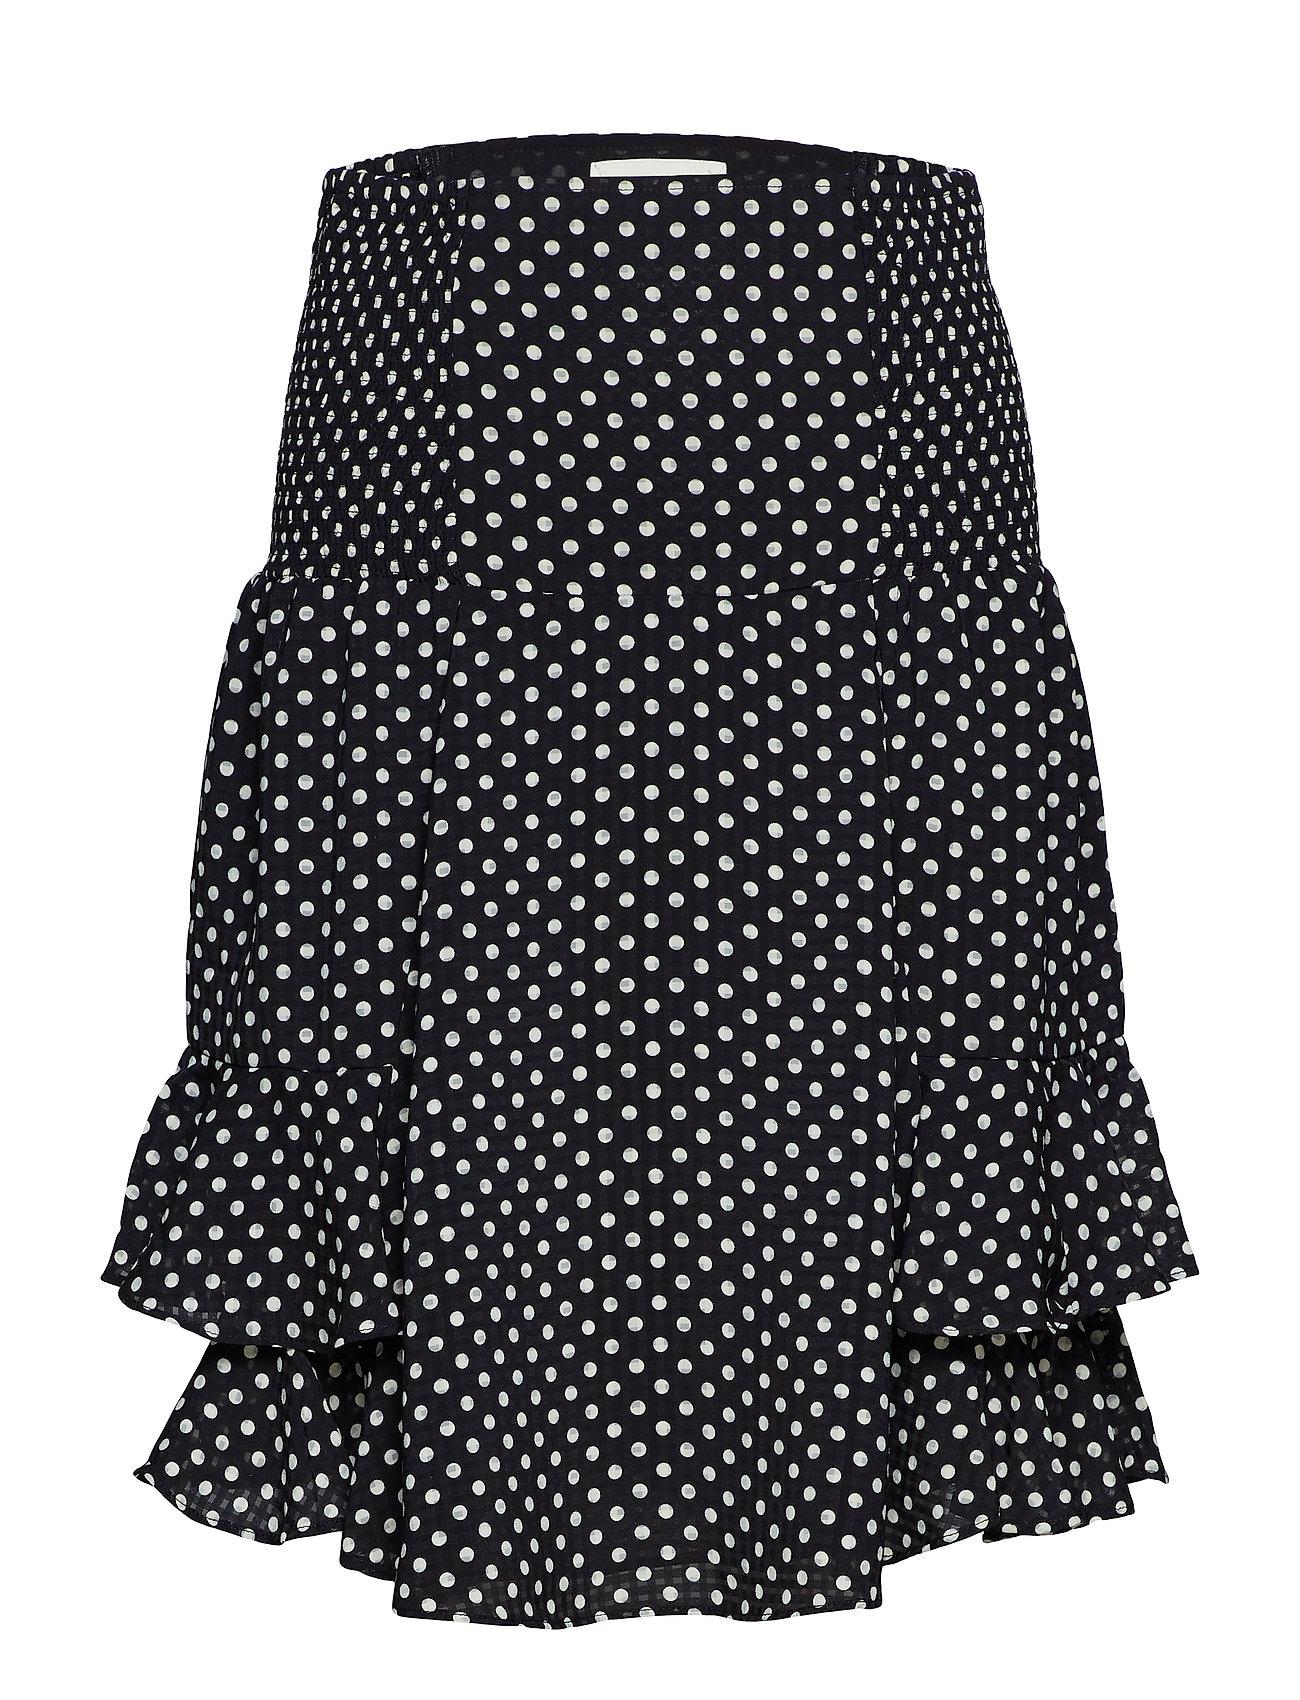 Lollys Laundry Grace Skirt - DOT PRINT